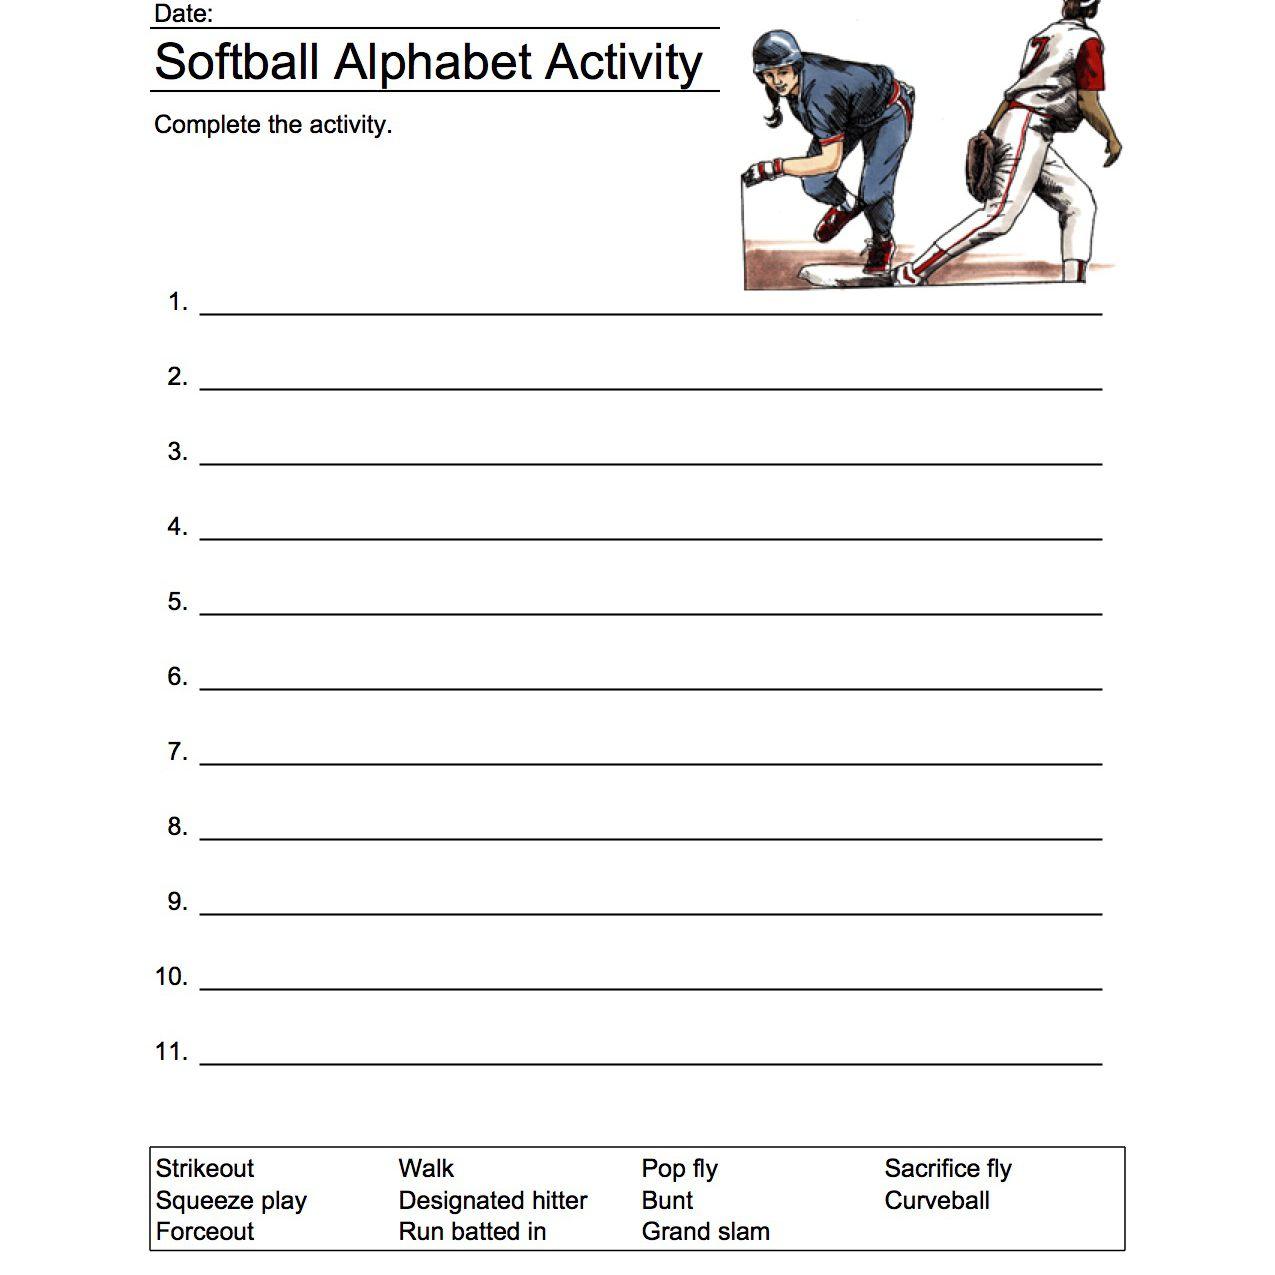 Δραστηριότητα αλφάβητου σόφτμπολ